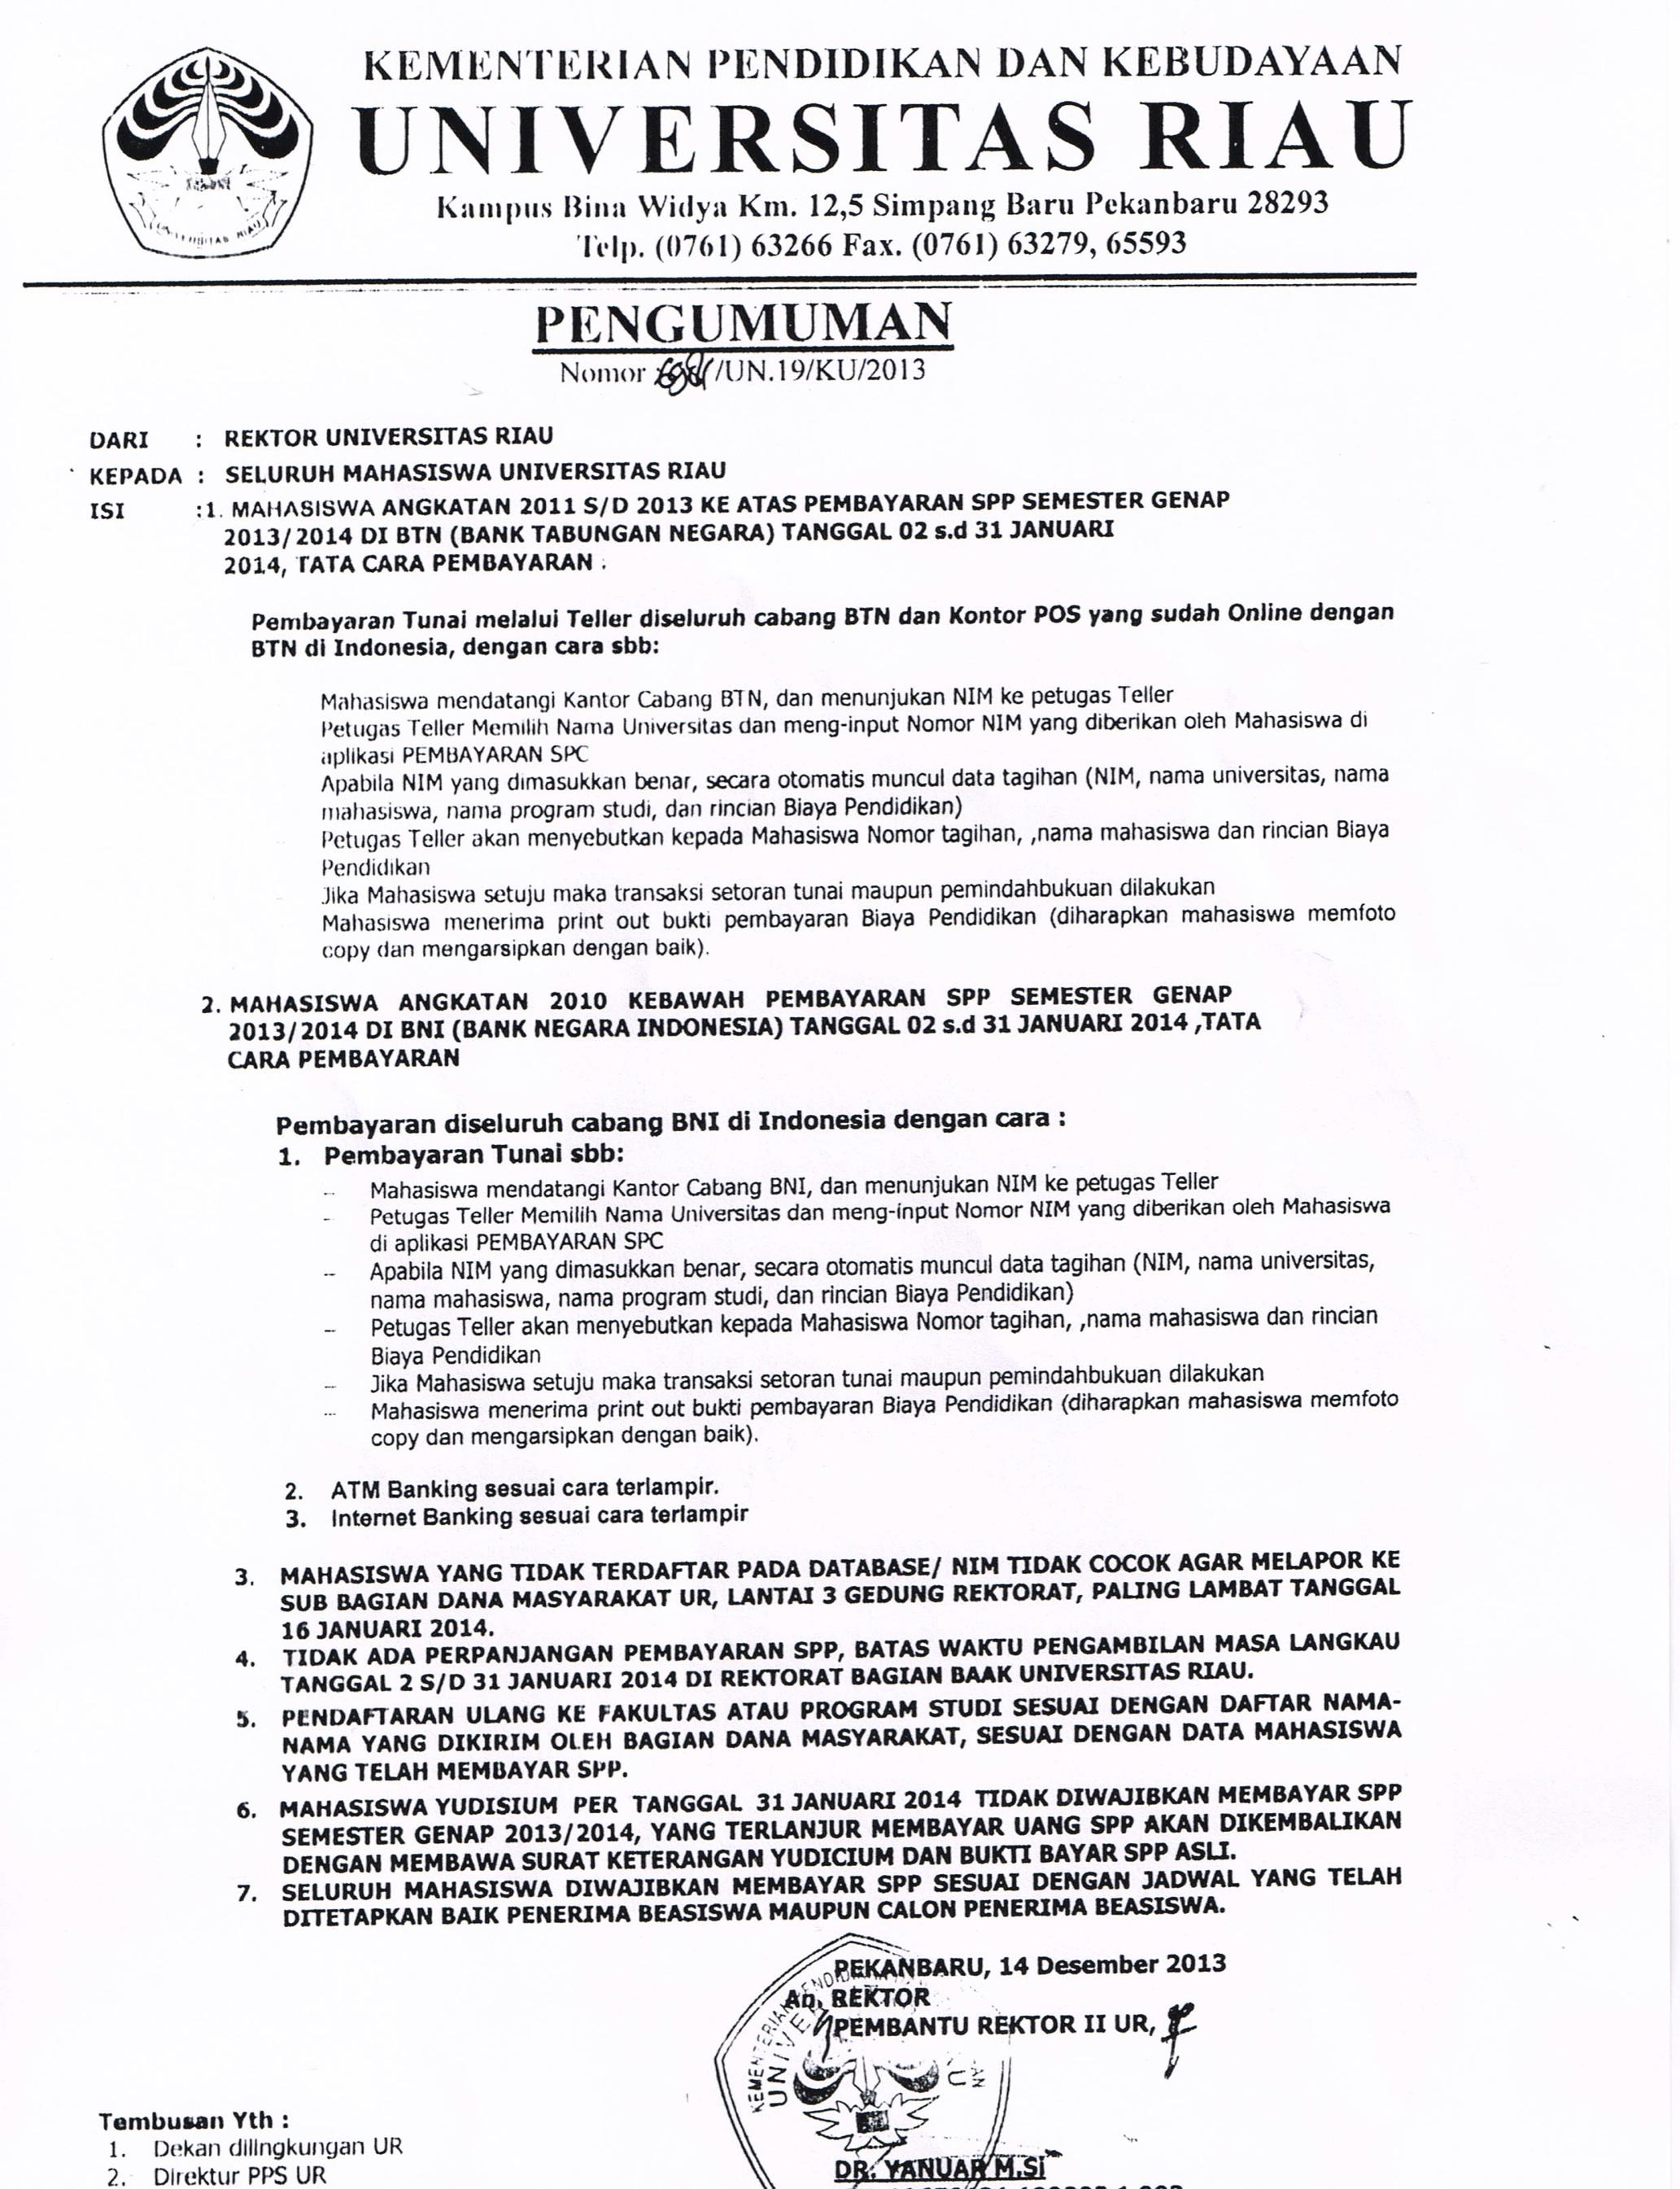 Pembayaran SPP Semester Genap 2013/2014